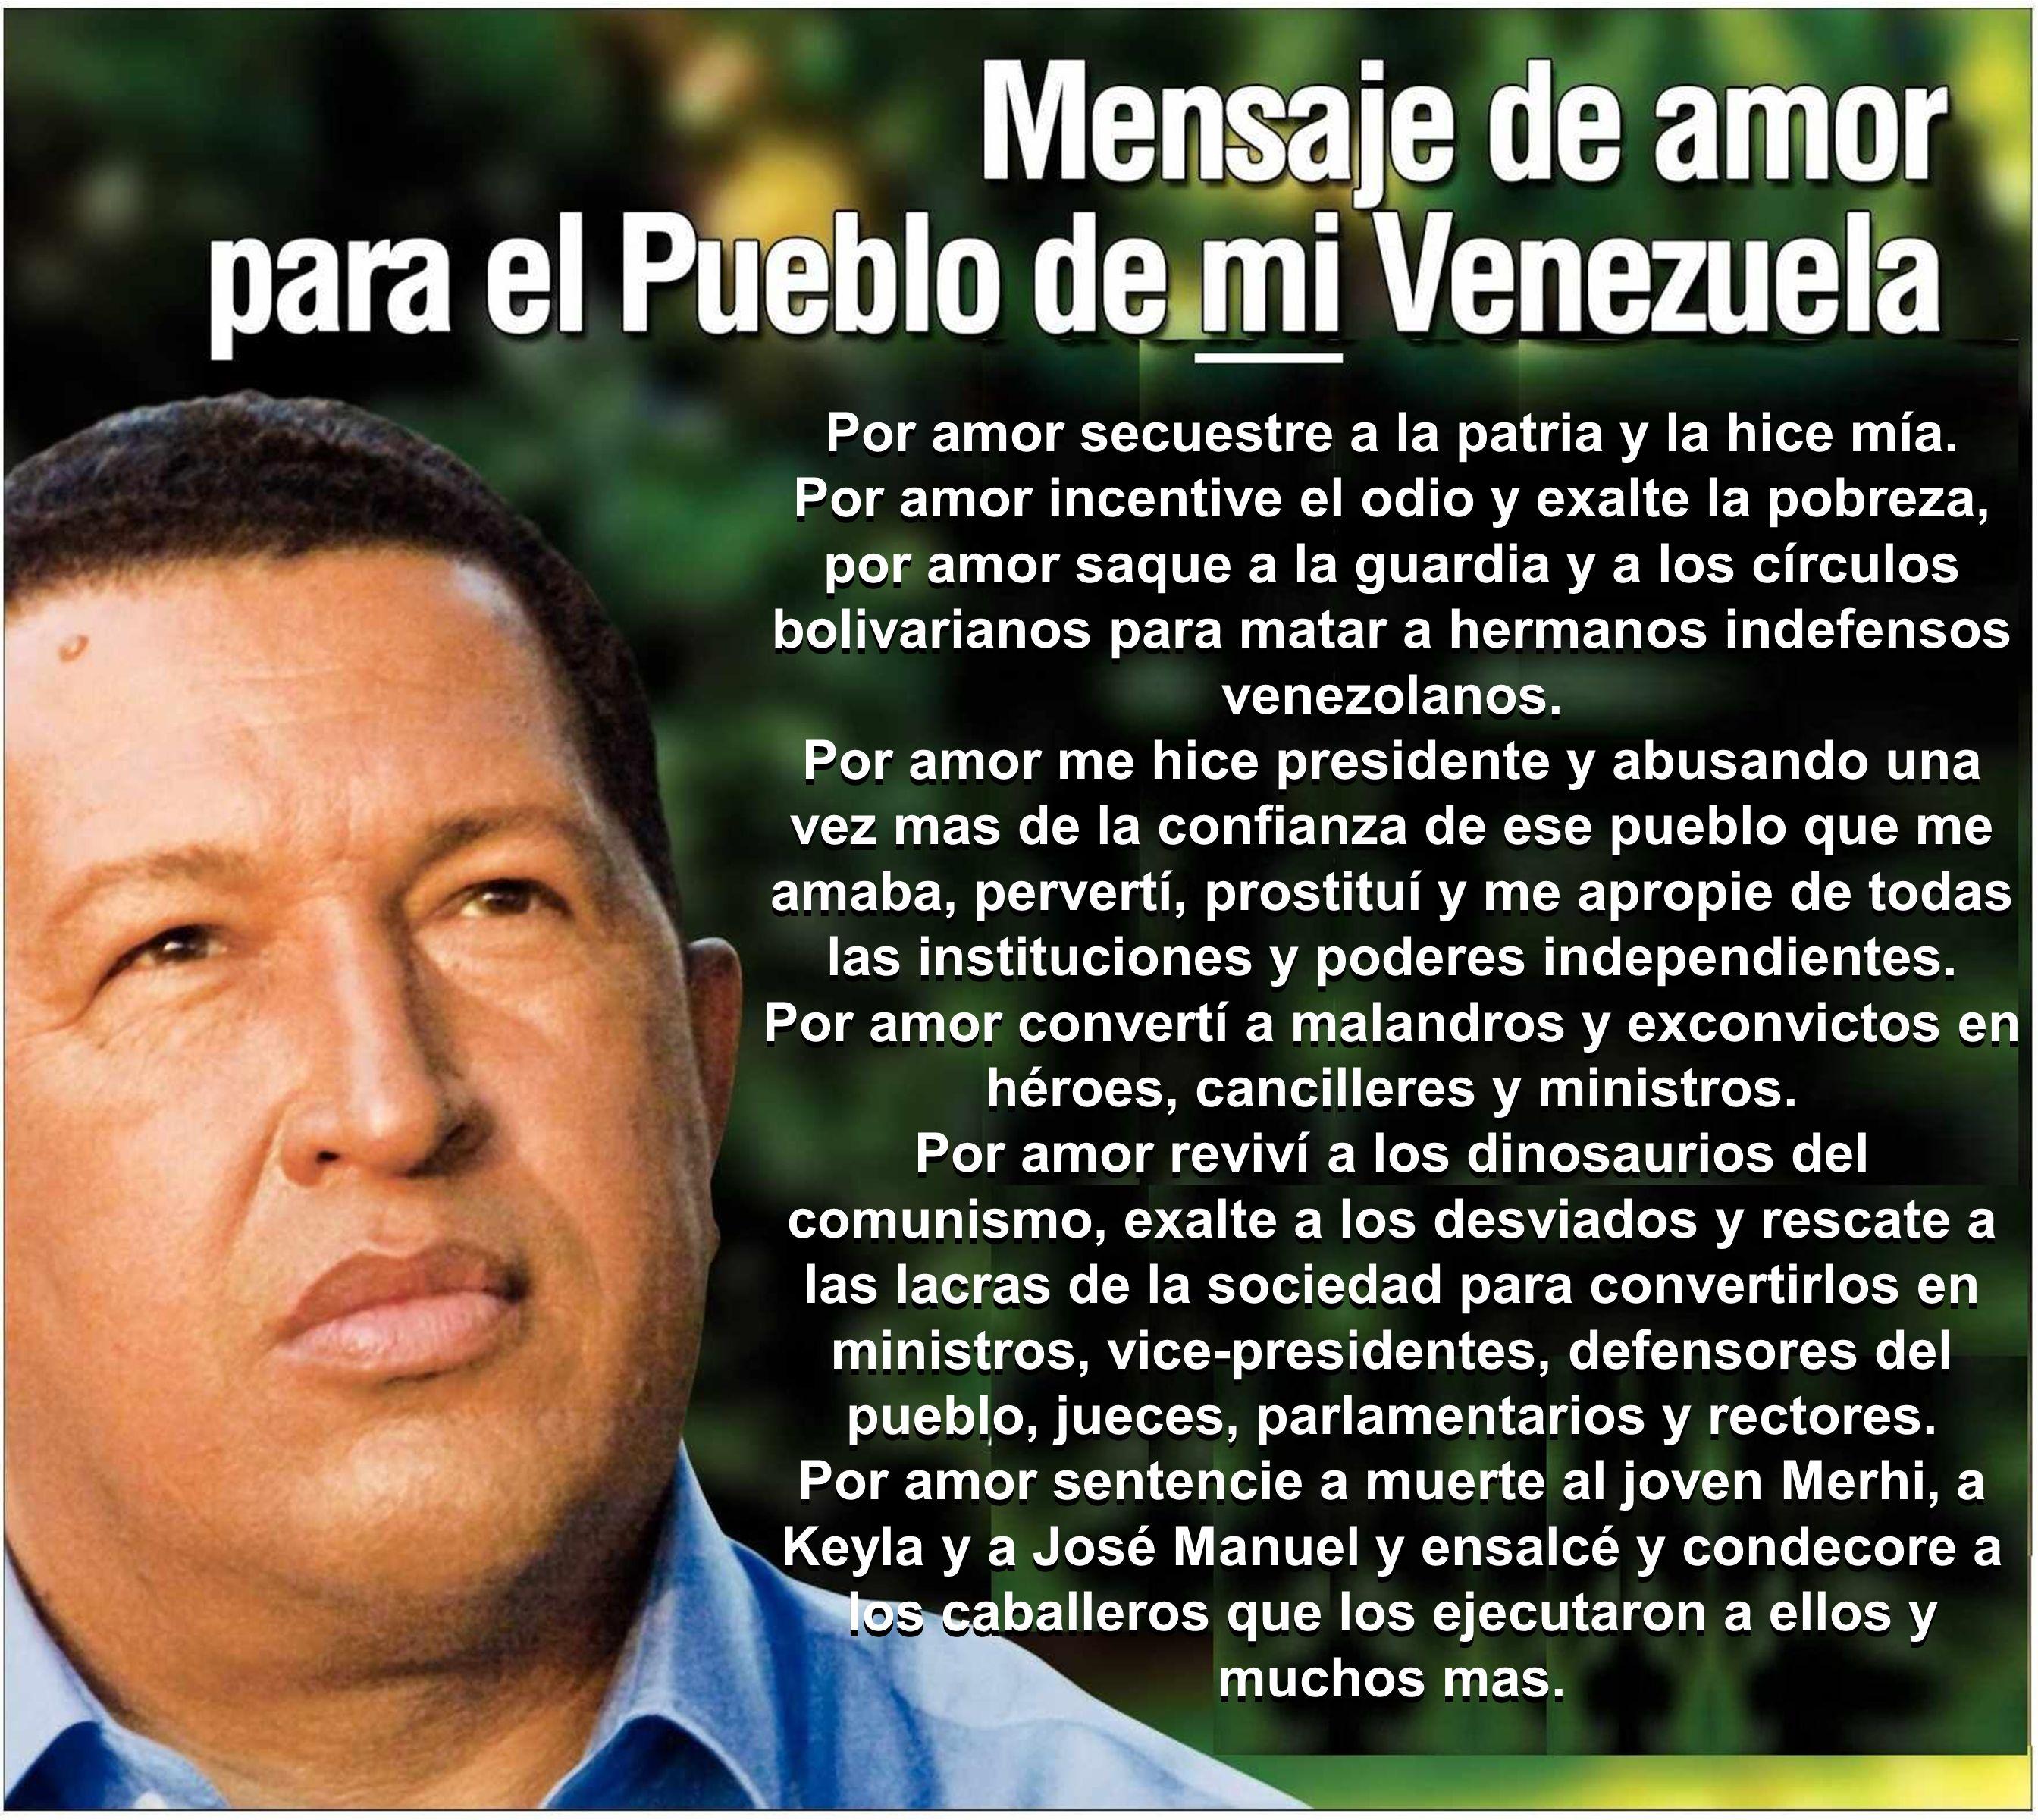 Por amor secuestre a la patria y la hice mía. Por amor incentive el odio y exalte la pobreza, por amor saque a la guardia y a los círculos bolivariano